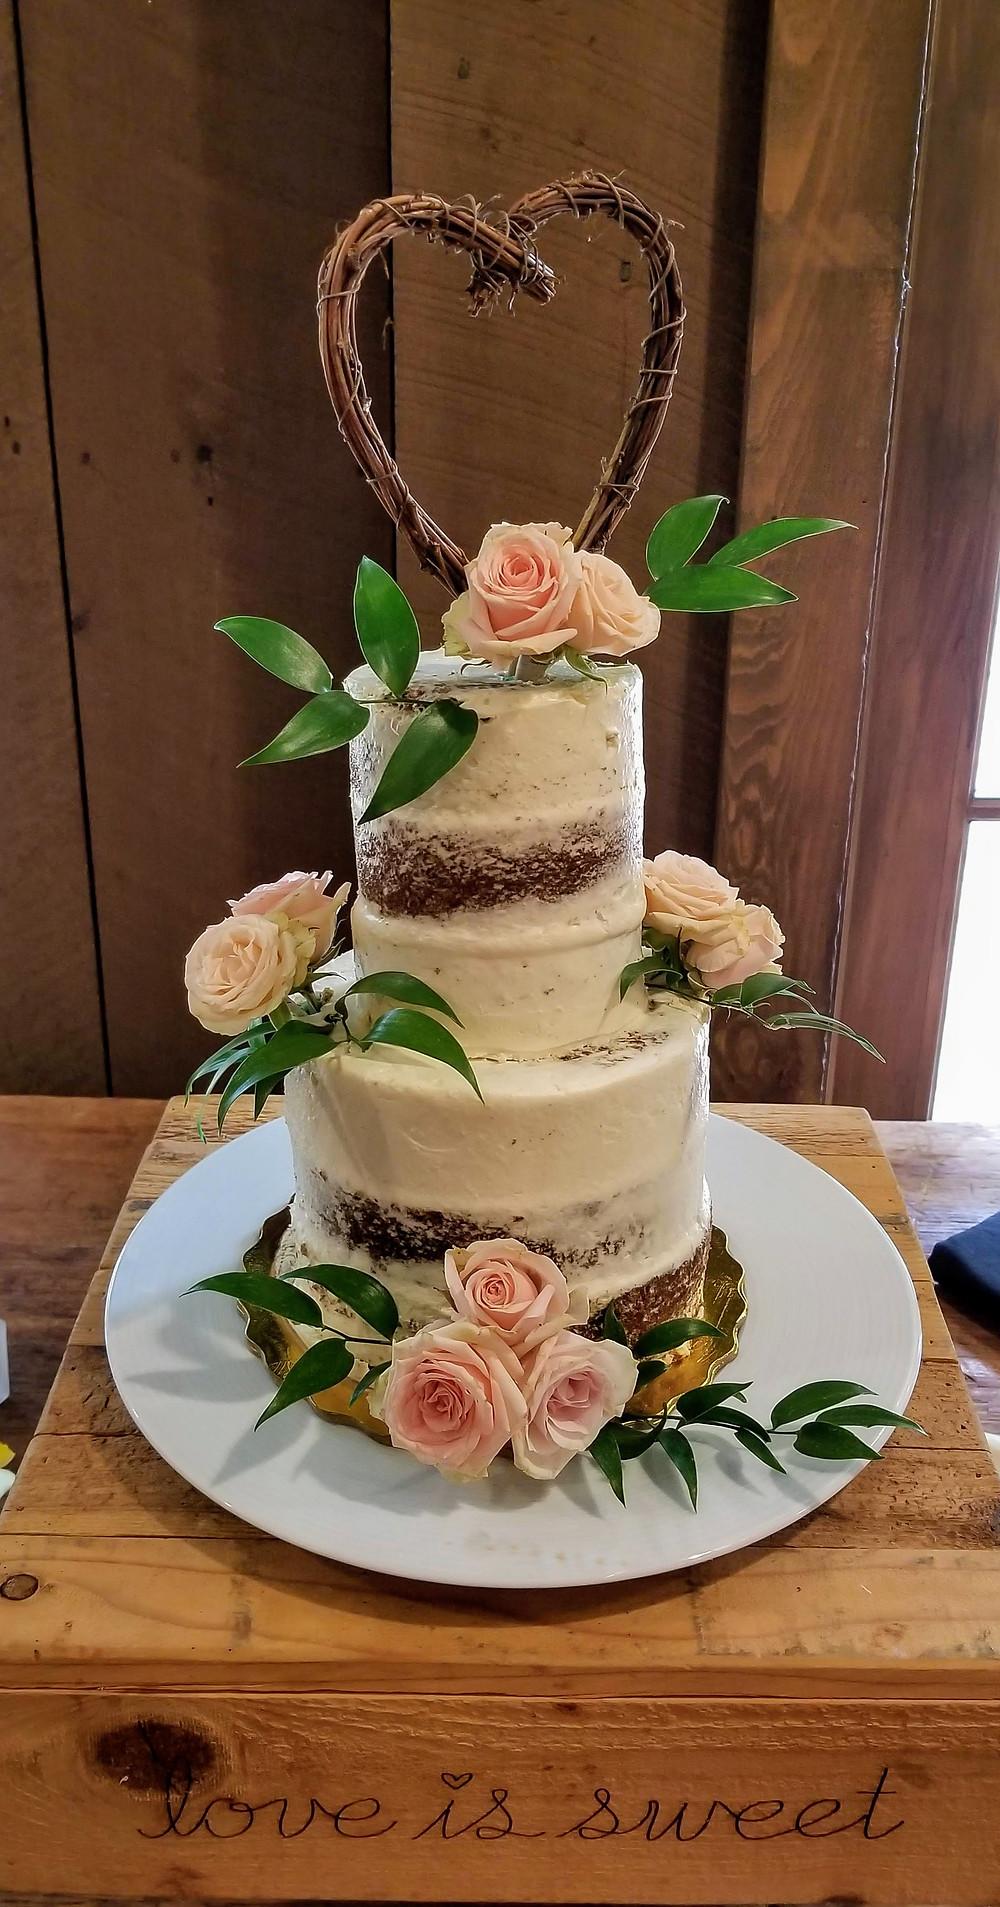 Blush wedding cake at Waterloo Village